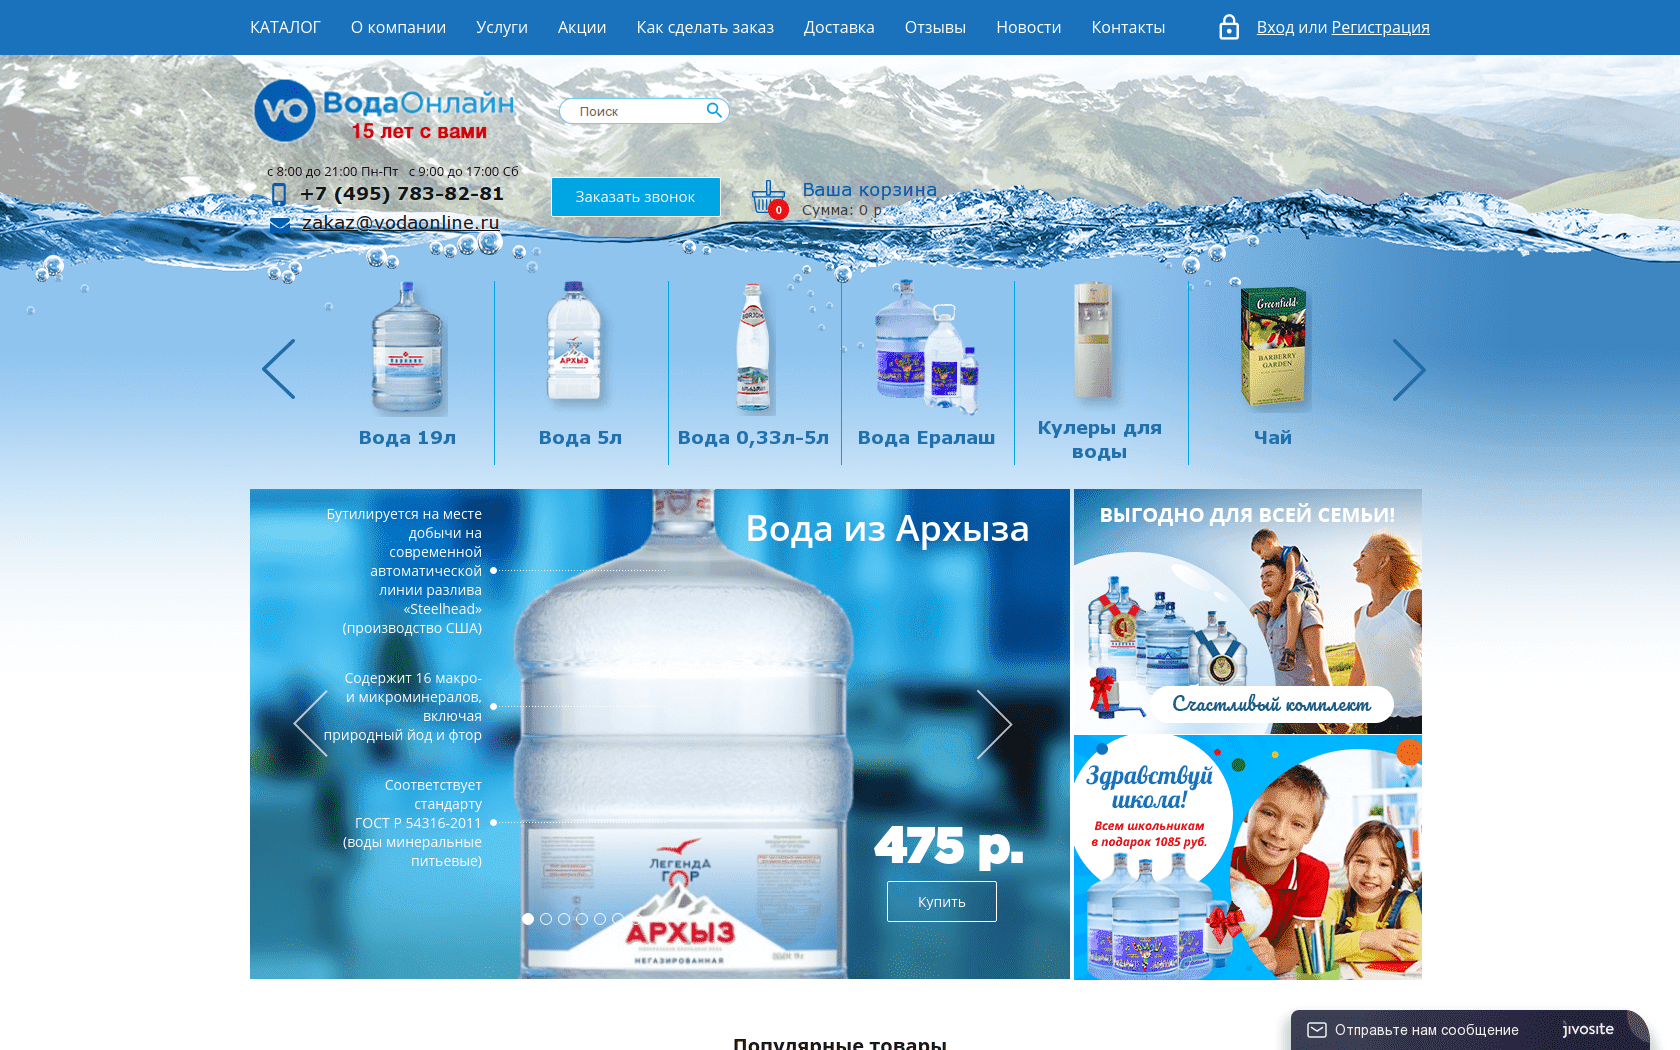 Вода Онлайн